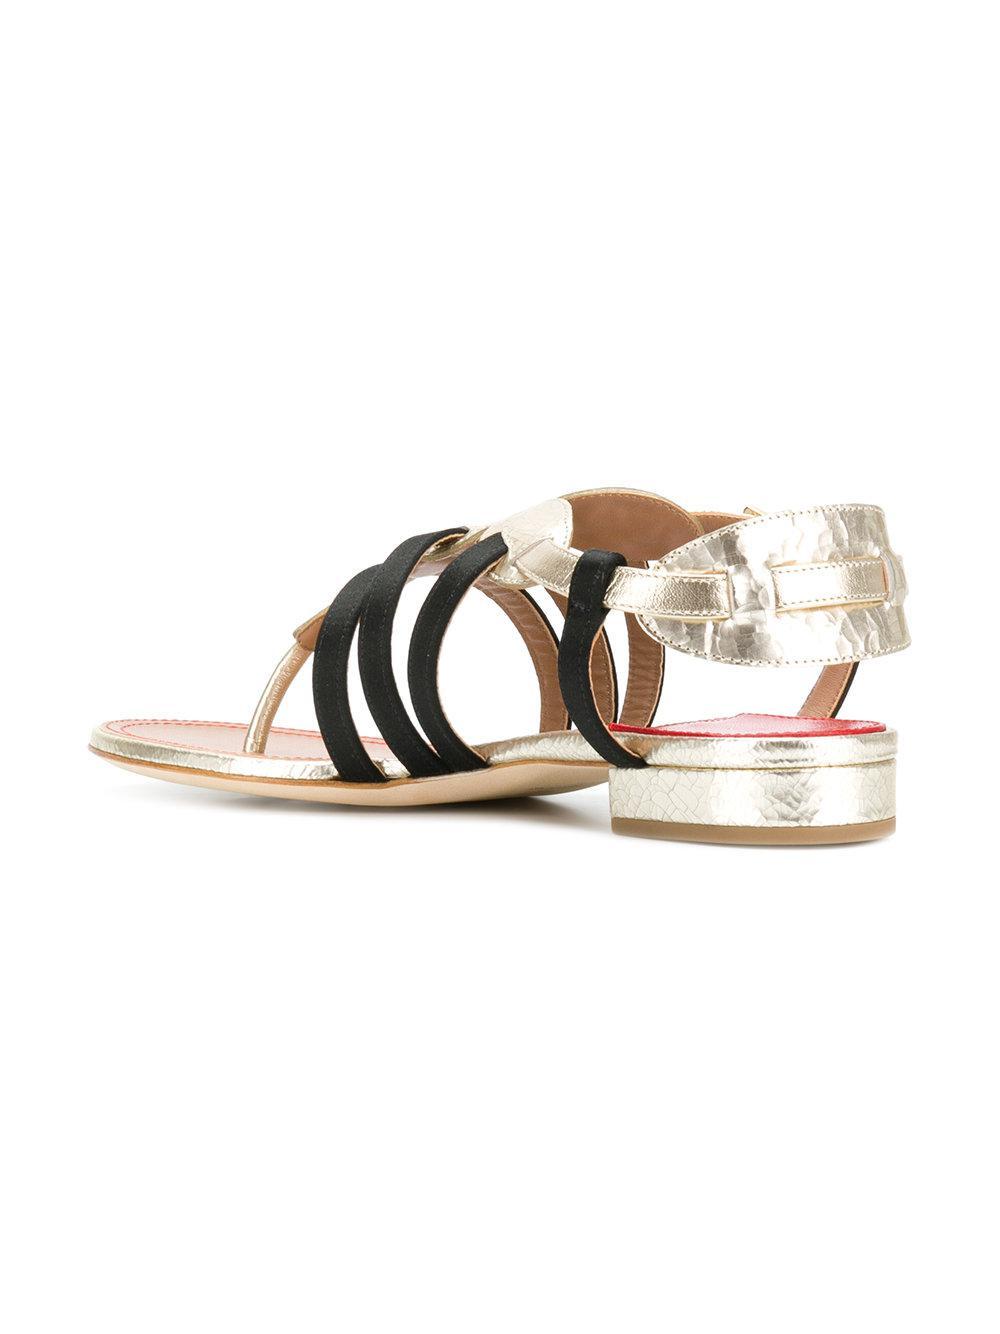 Renin sandals - Metallic Laurence Dacade IYB7cwHO